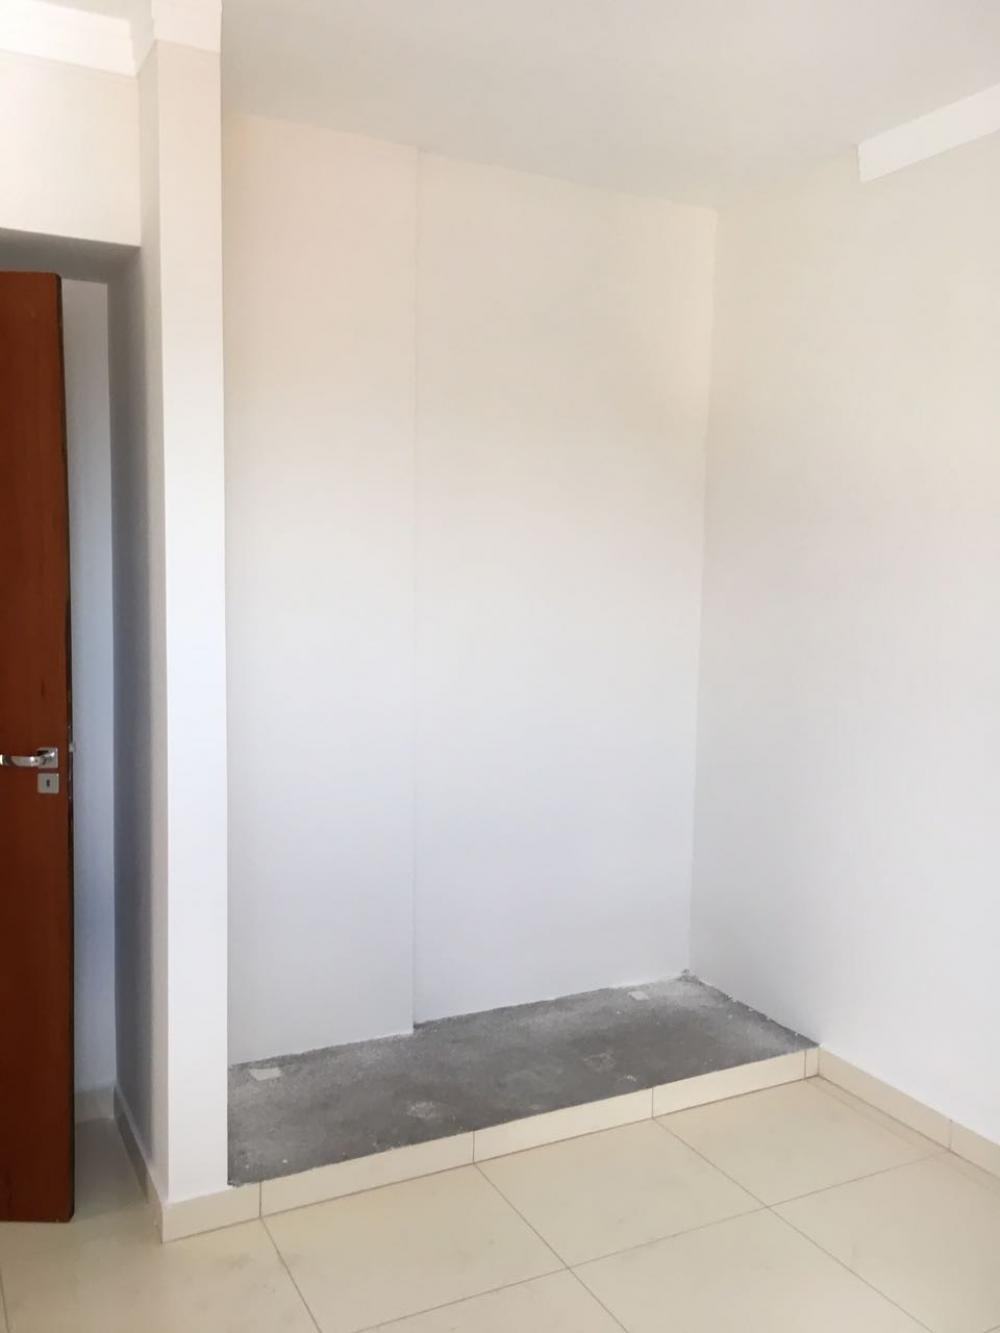 Comprar Apartamento / Padrão em SAO JOSE DO RIO PRETO apenas R$ 350.000,00 - Foto 4